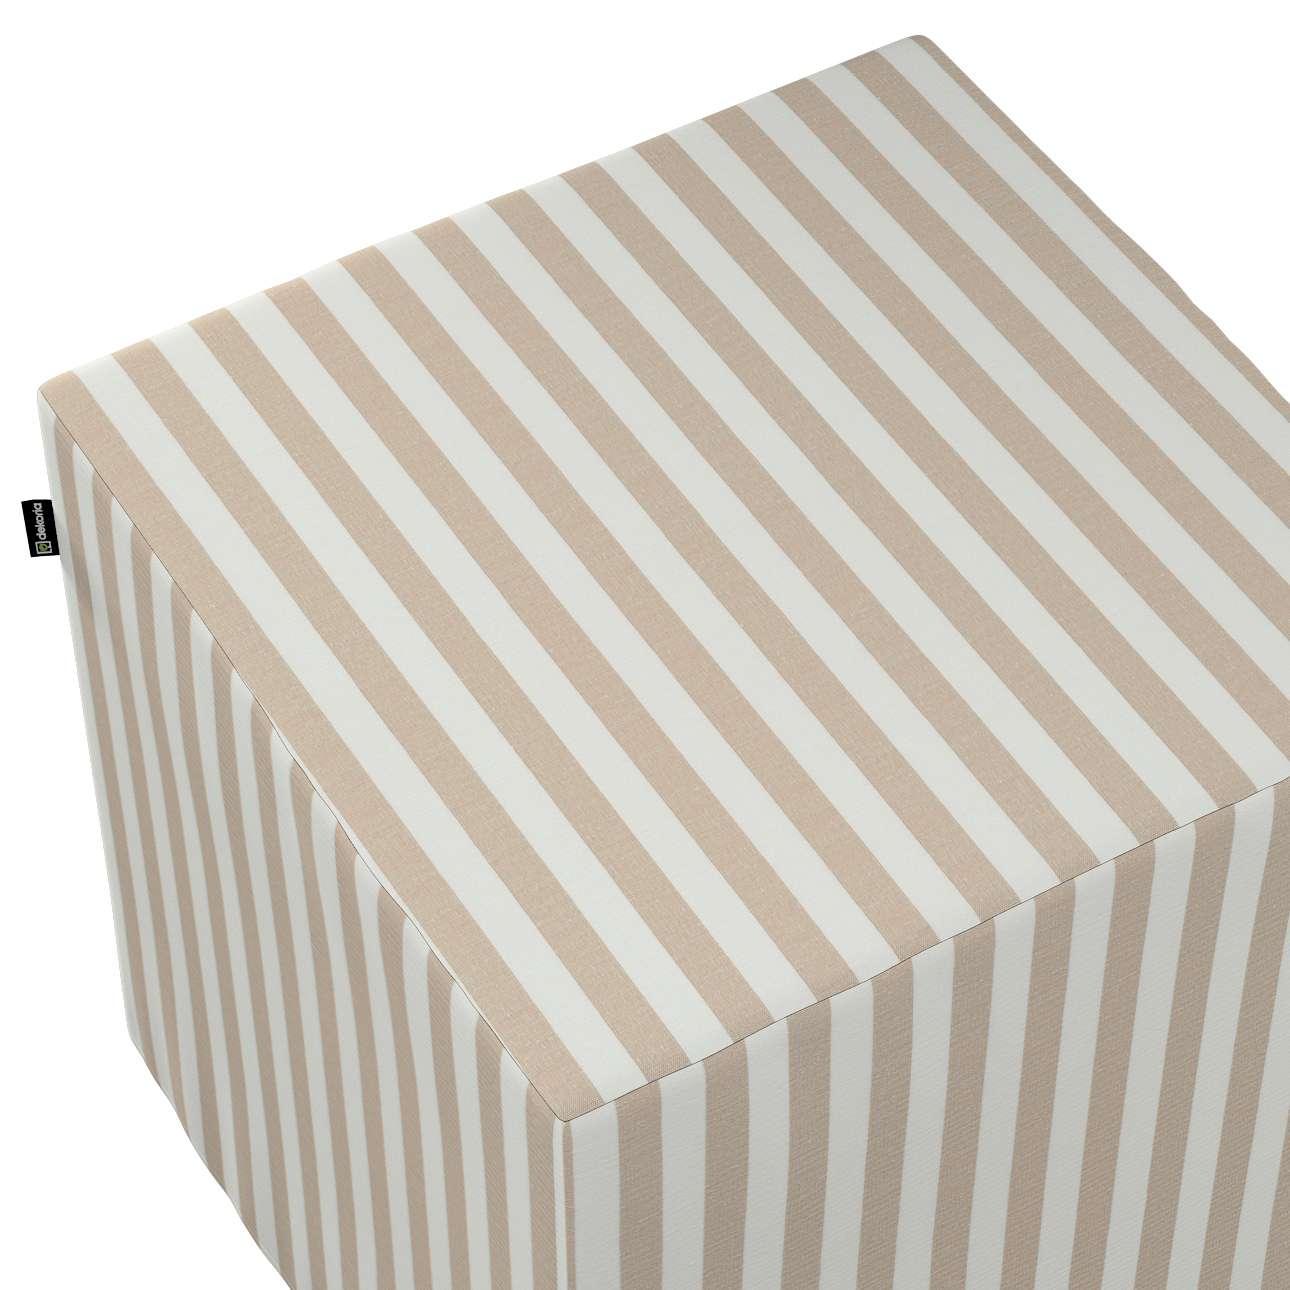 Pokrowiec na pufę kostkę w kolekcji Quadro, tkanina: 136-07